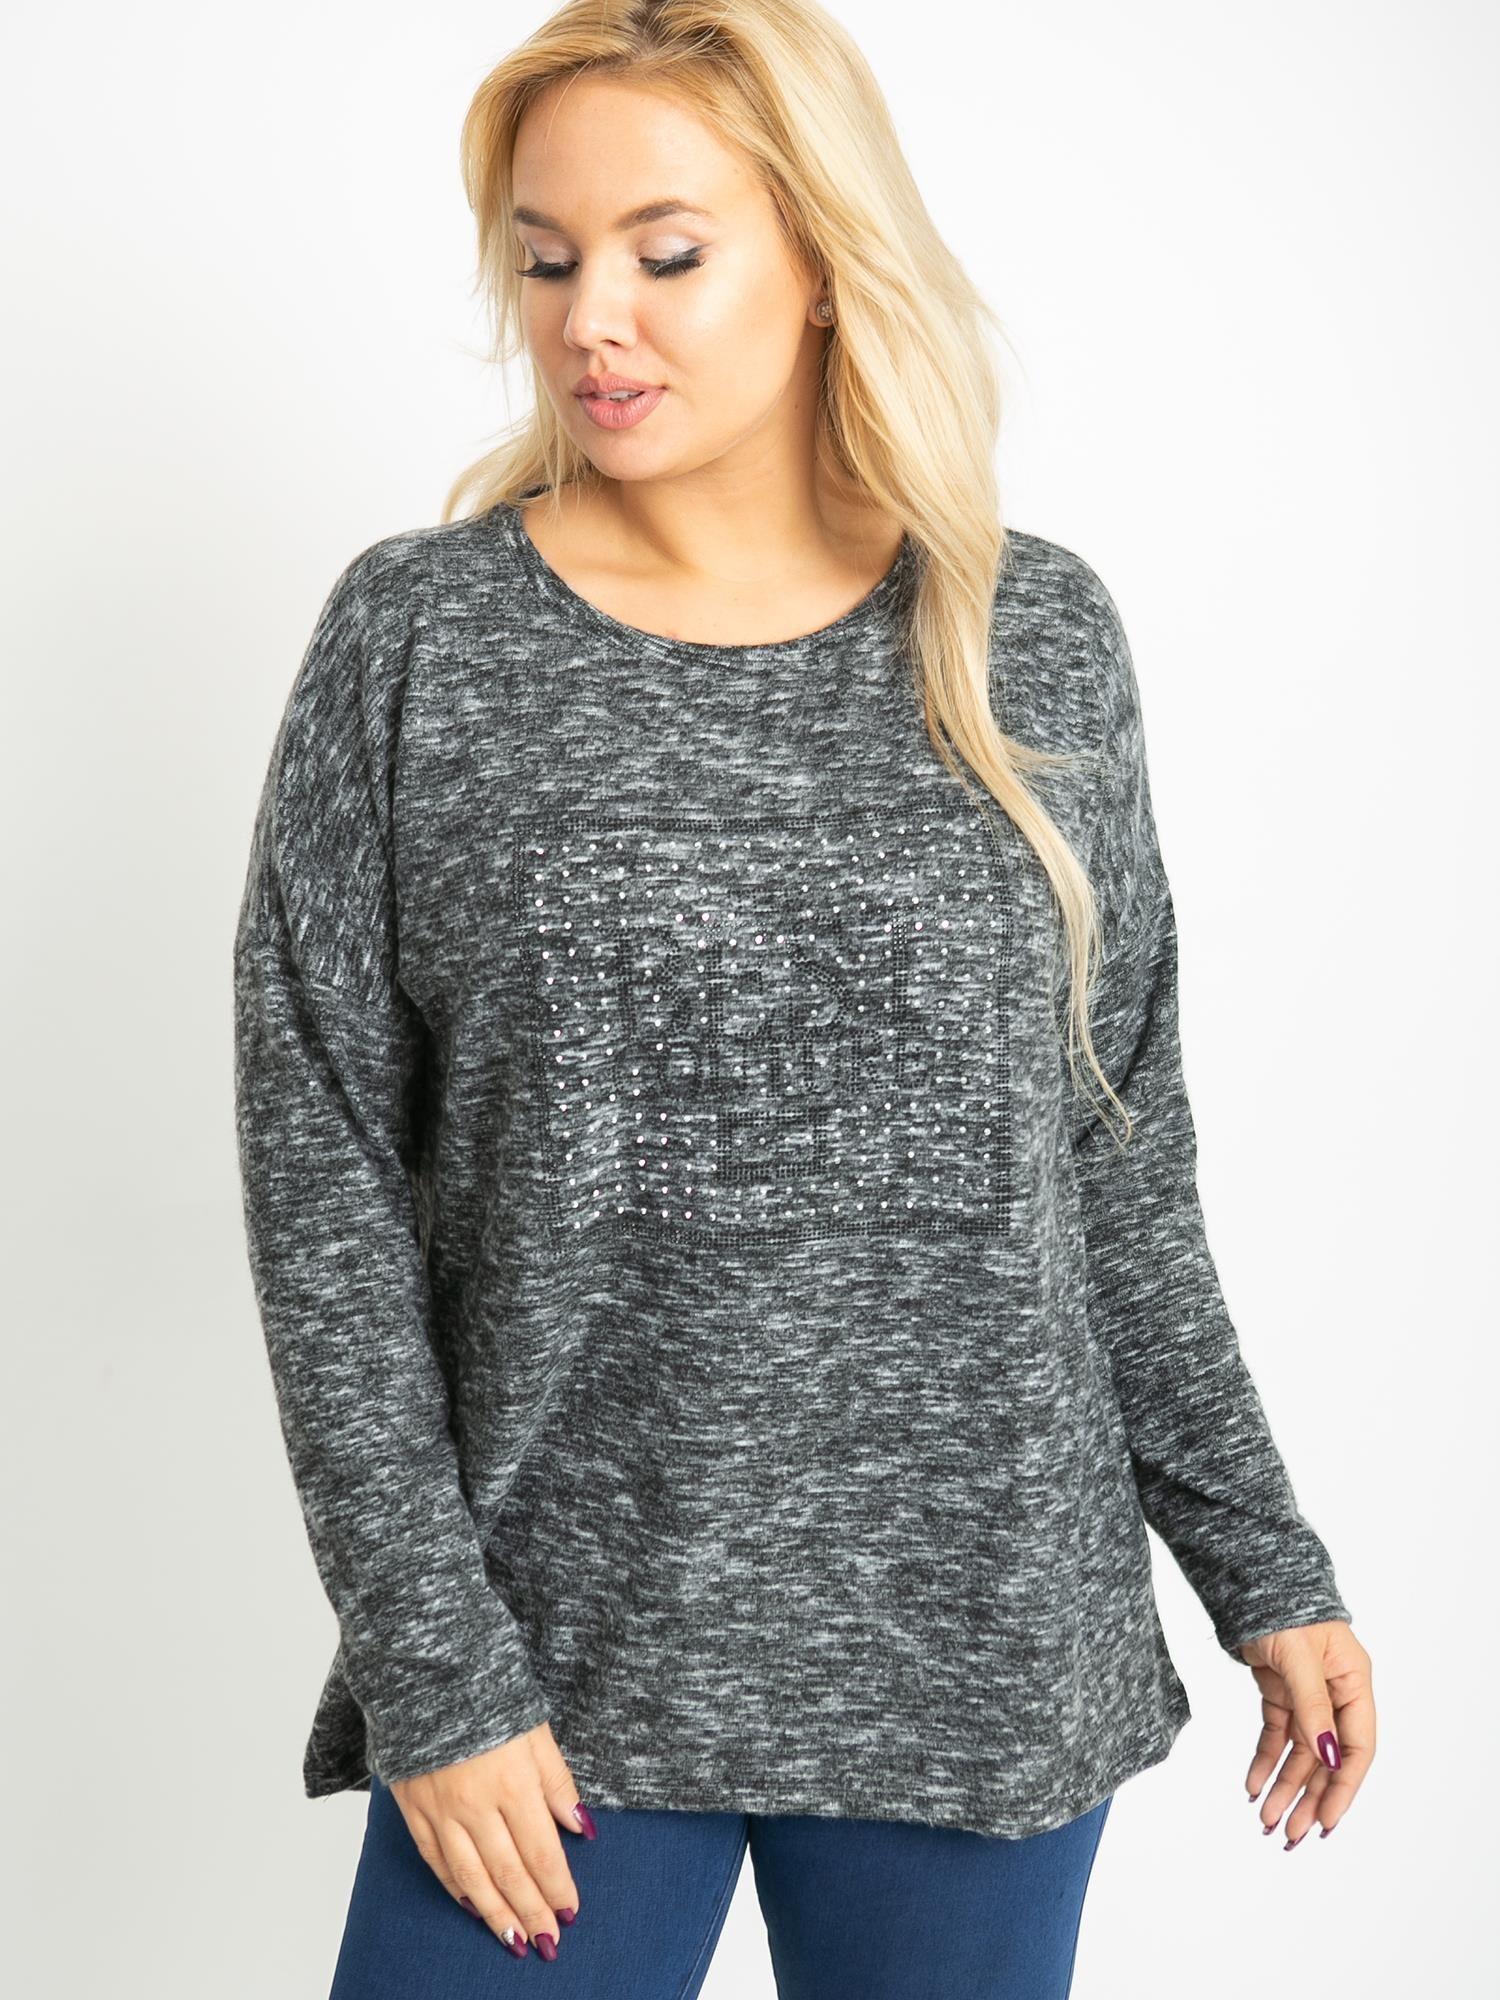 Sivý sveter s dlhým rukávom a potlačou - 3XL/4XL